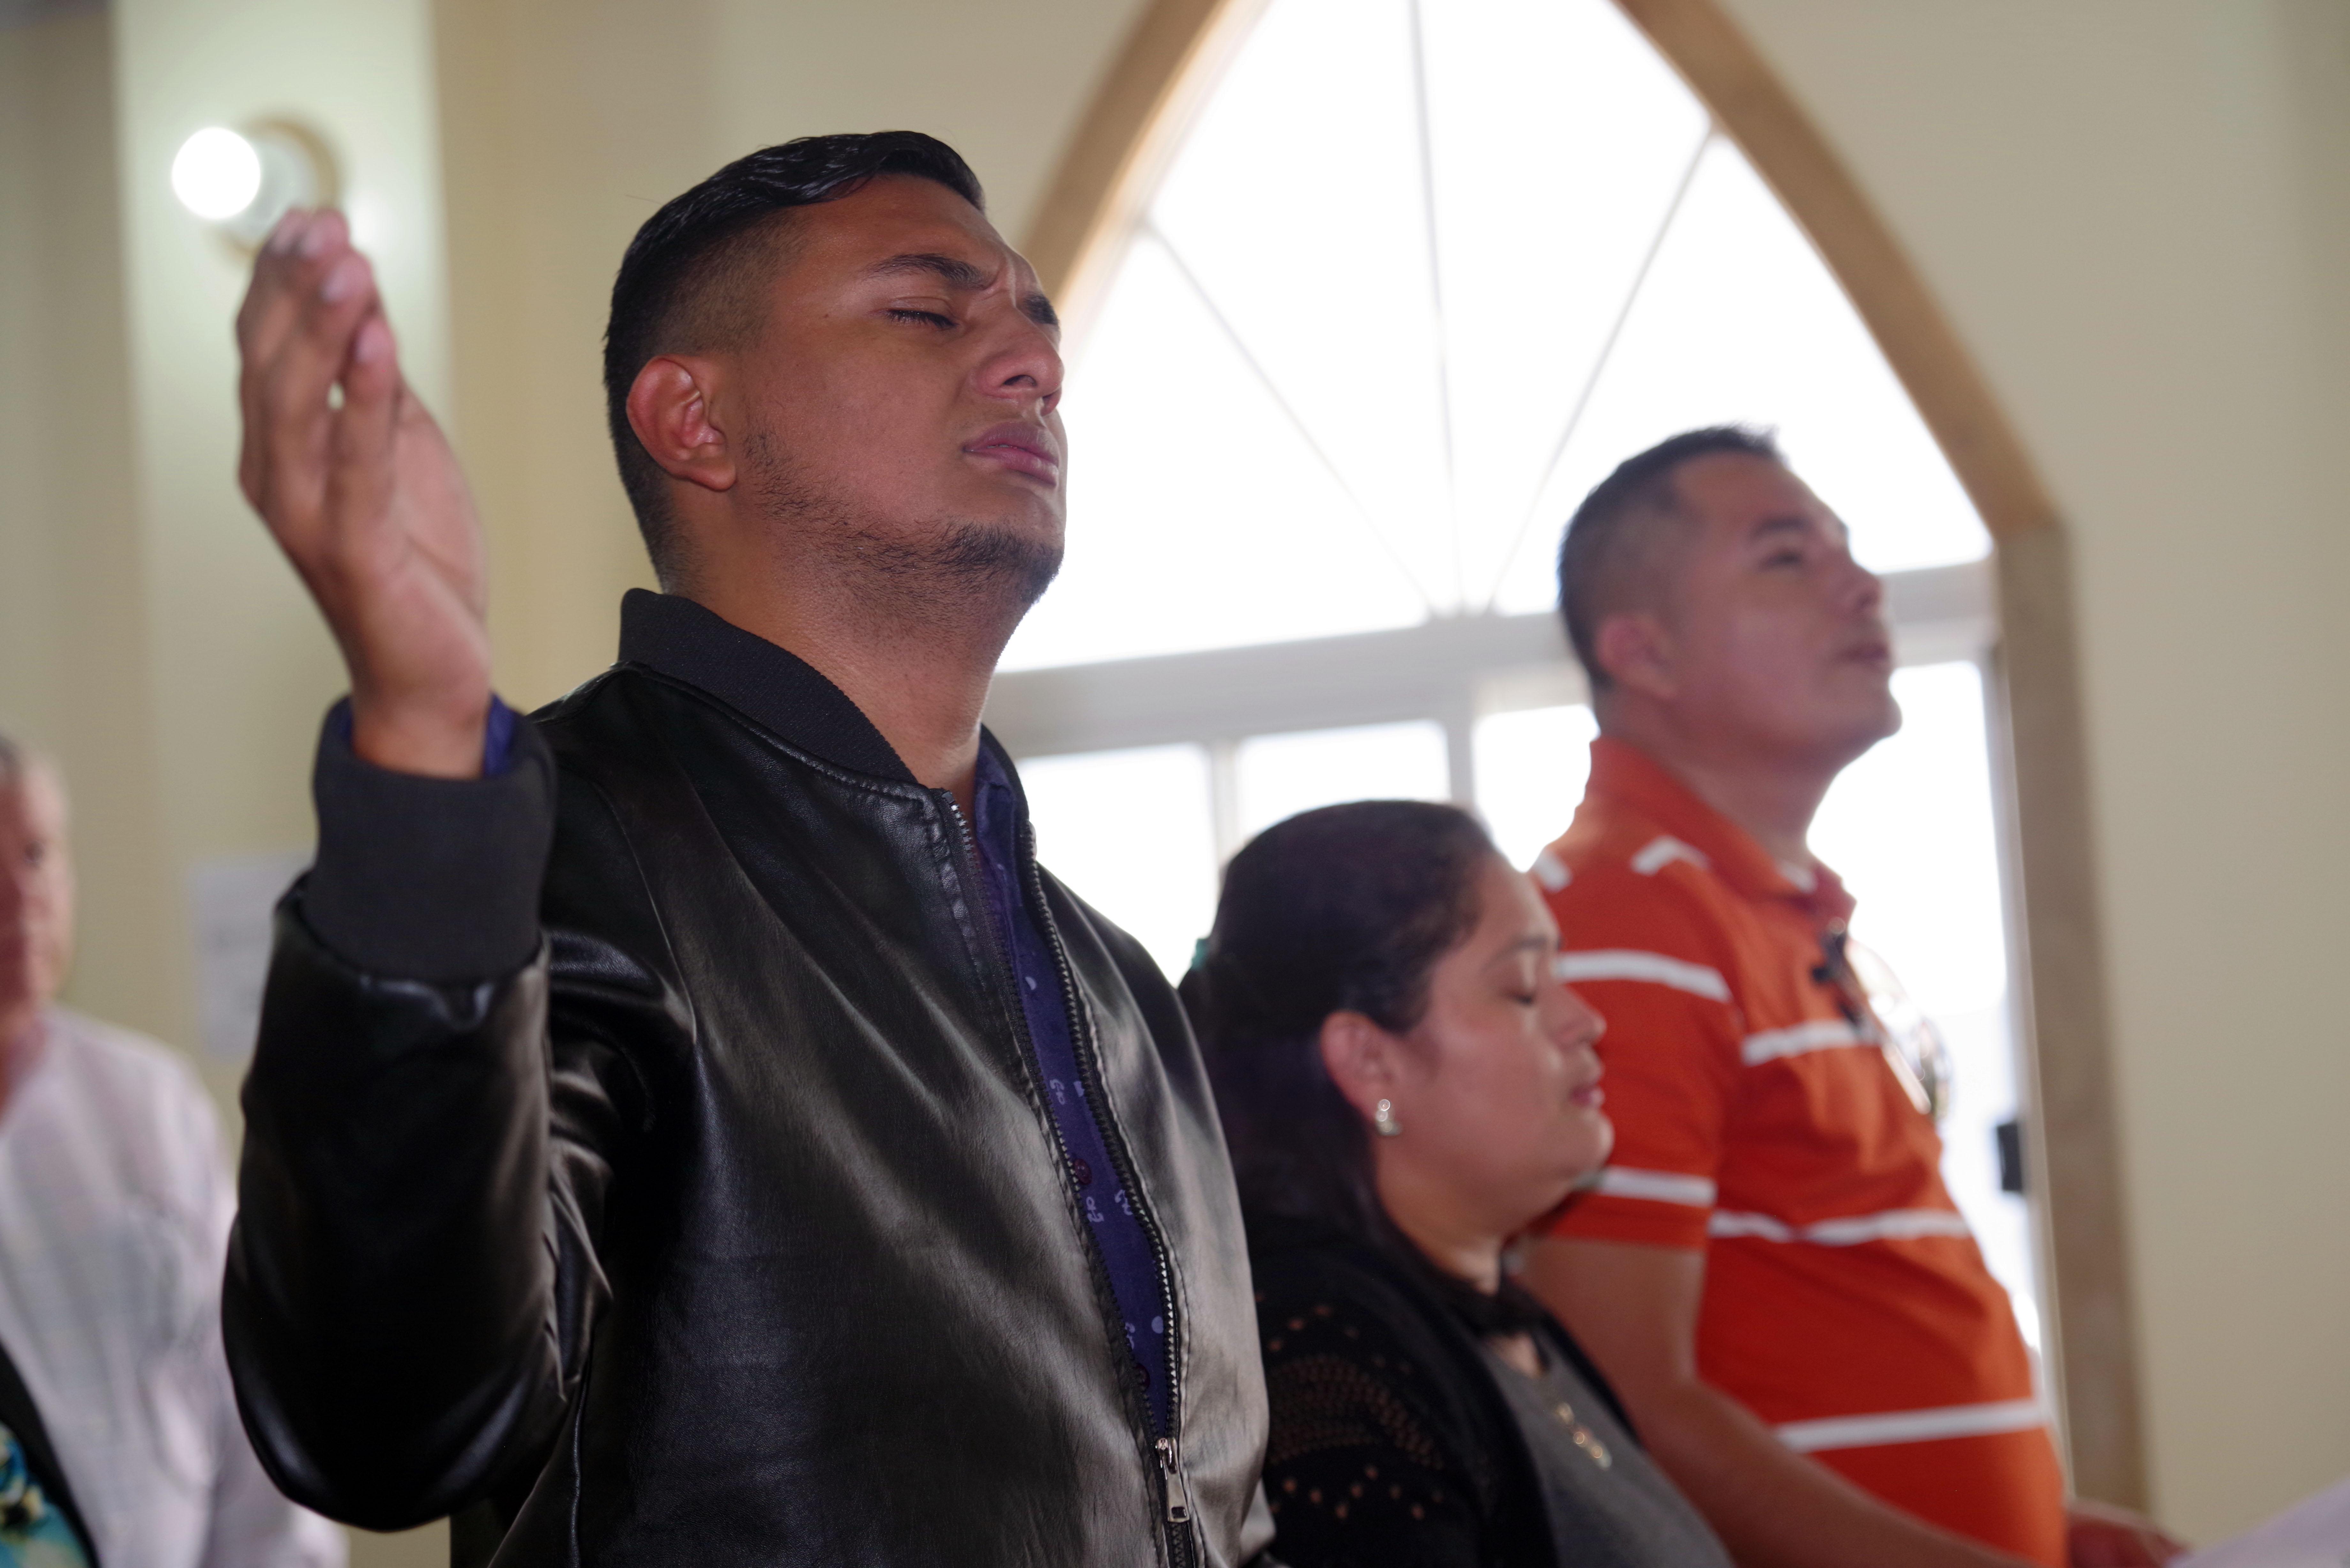 Líderes clericales y laicos/as de la misión, renovaron su compromiso de servicio a la iglesia, durante el momento de los nombramientos y asignaciones pastorales en el culto de clausura. Foto Rev. Gustavo Vasquez, Noticias MU.